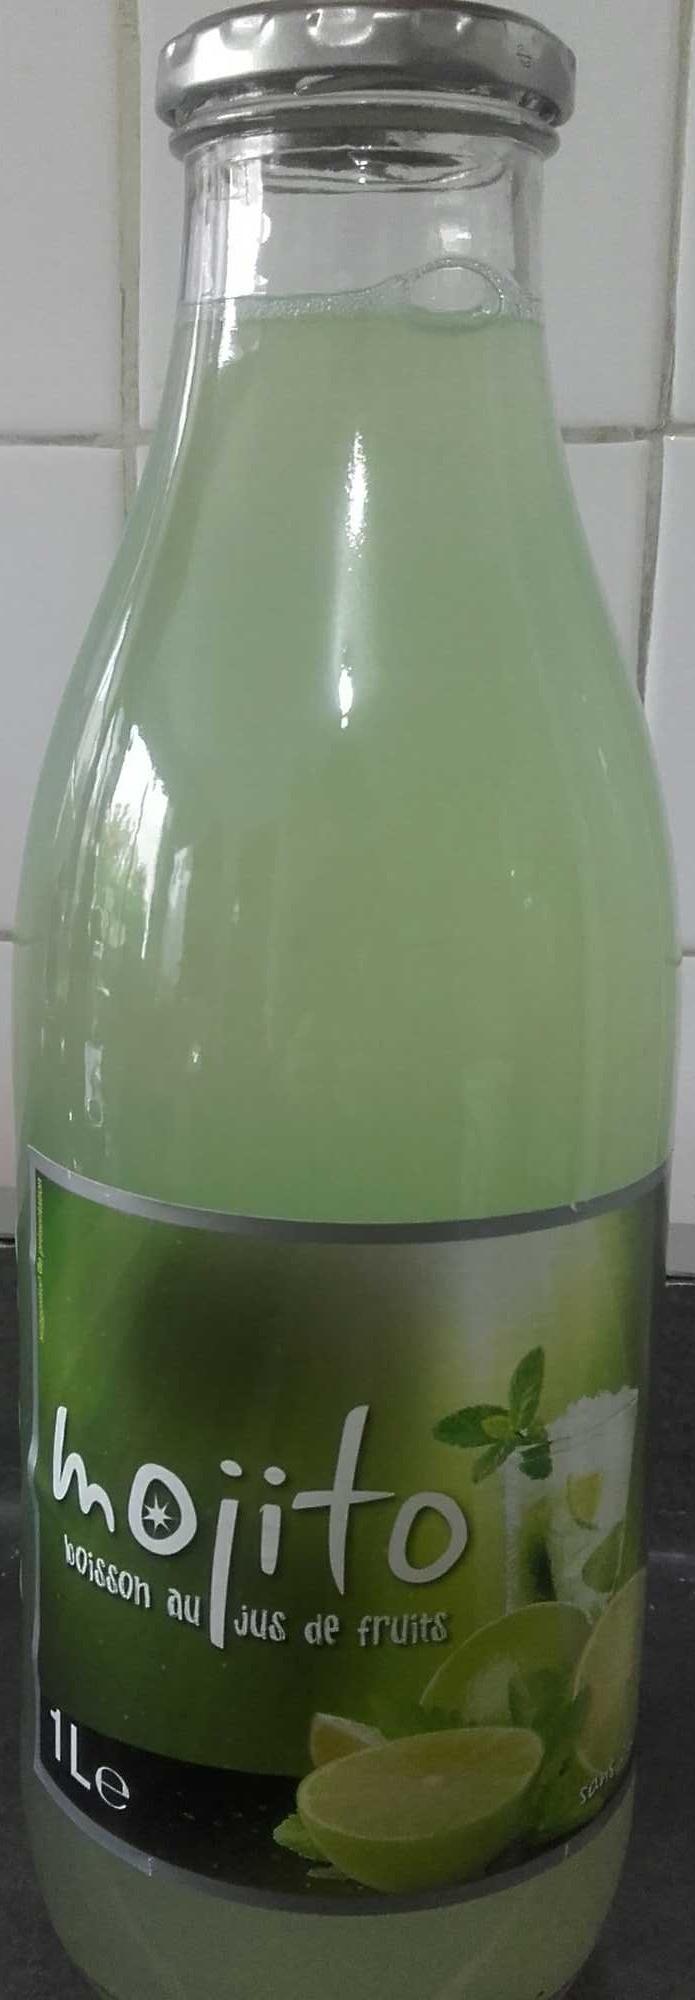 Mojito Boisson au Jus de Fruits - Produit